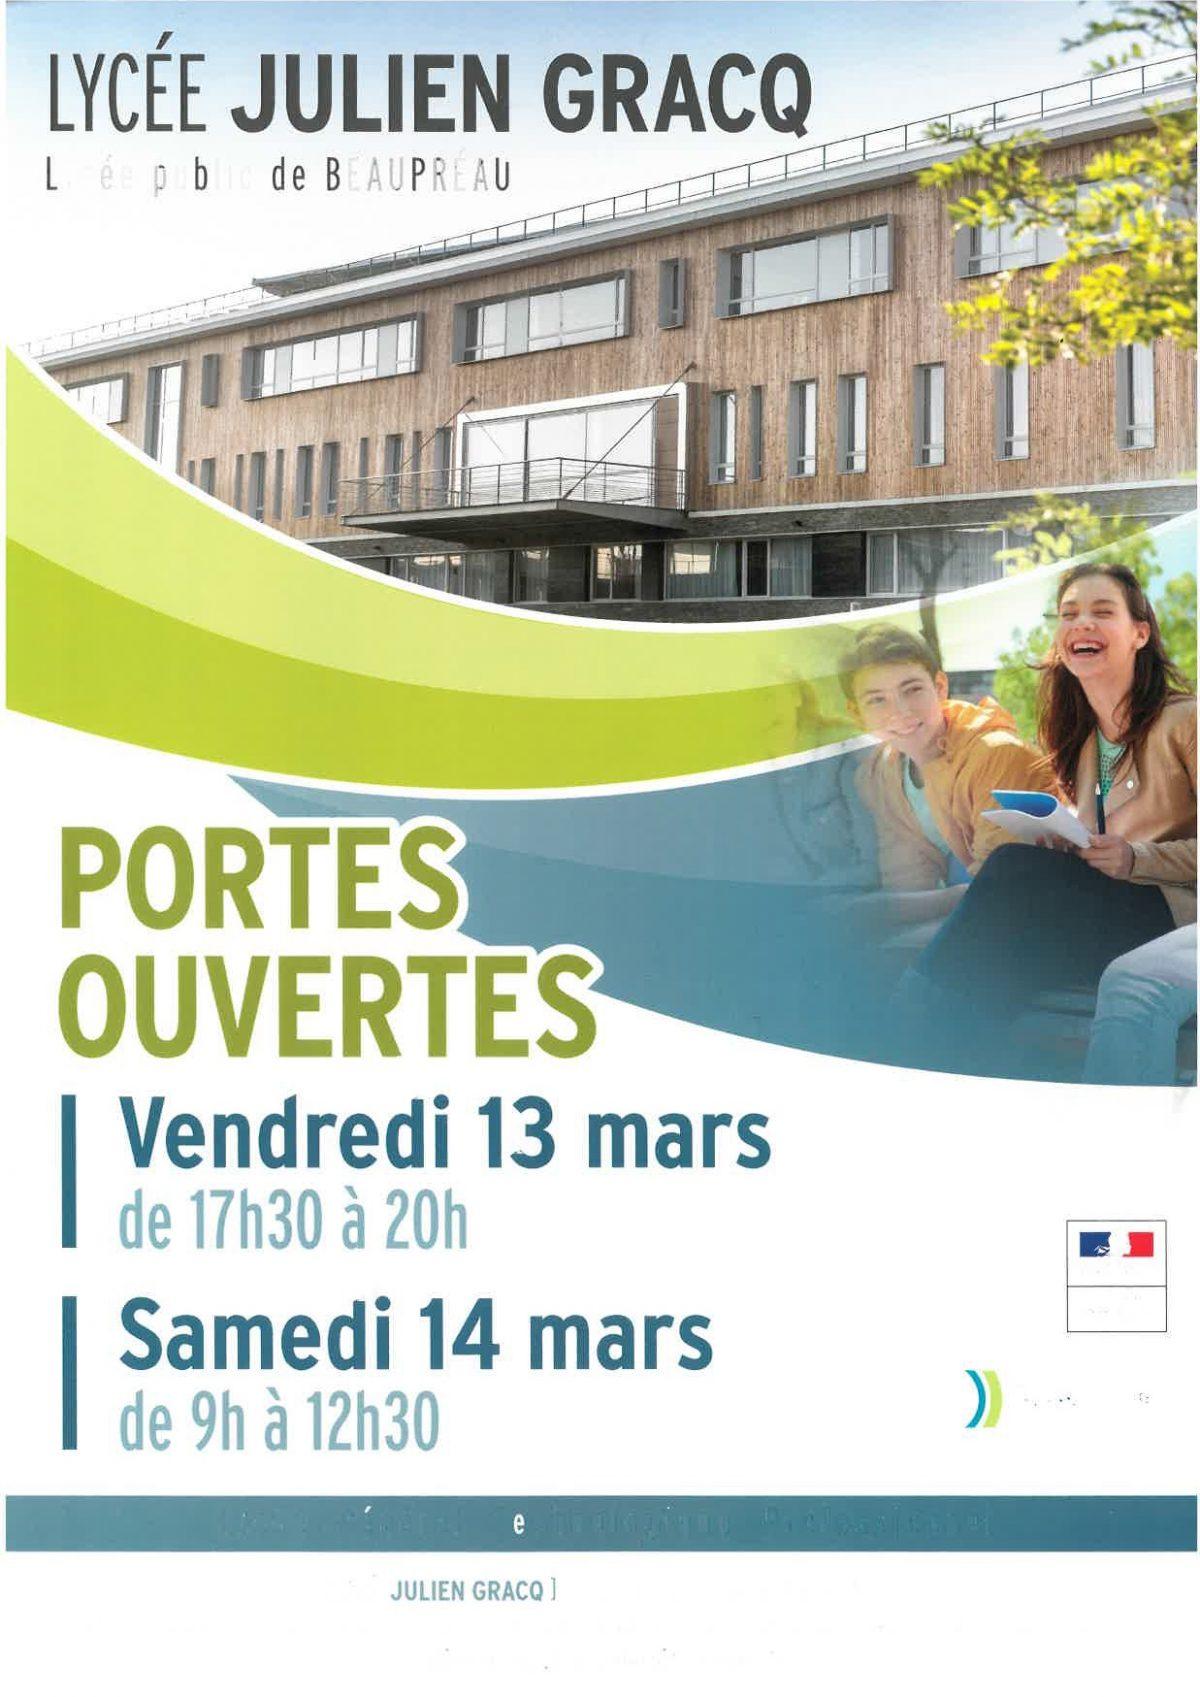 PORTES OUVERTES IFAS Antenne Lycée Julien Gracq de BEAUPREAU